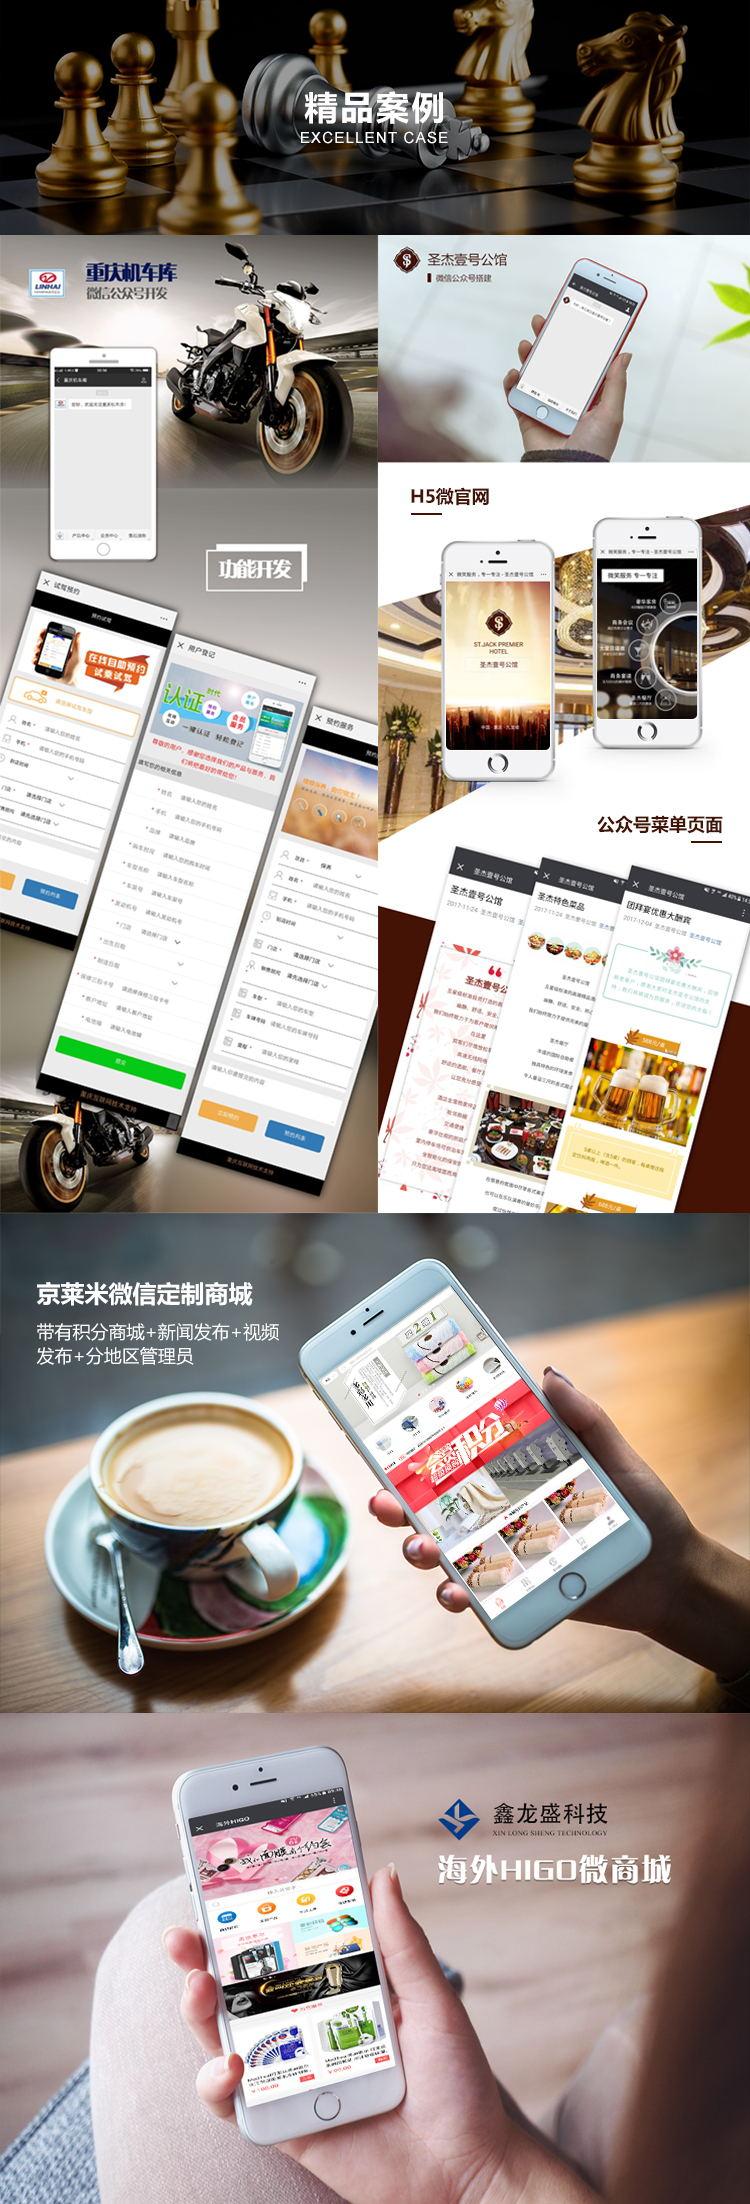 wxxq3_看图王.jpg